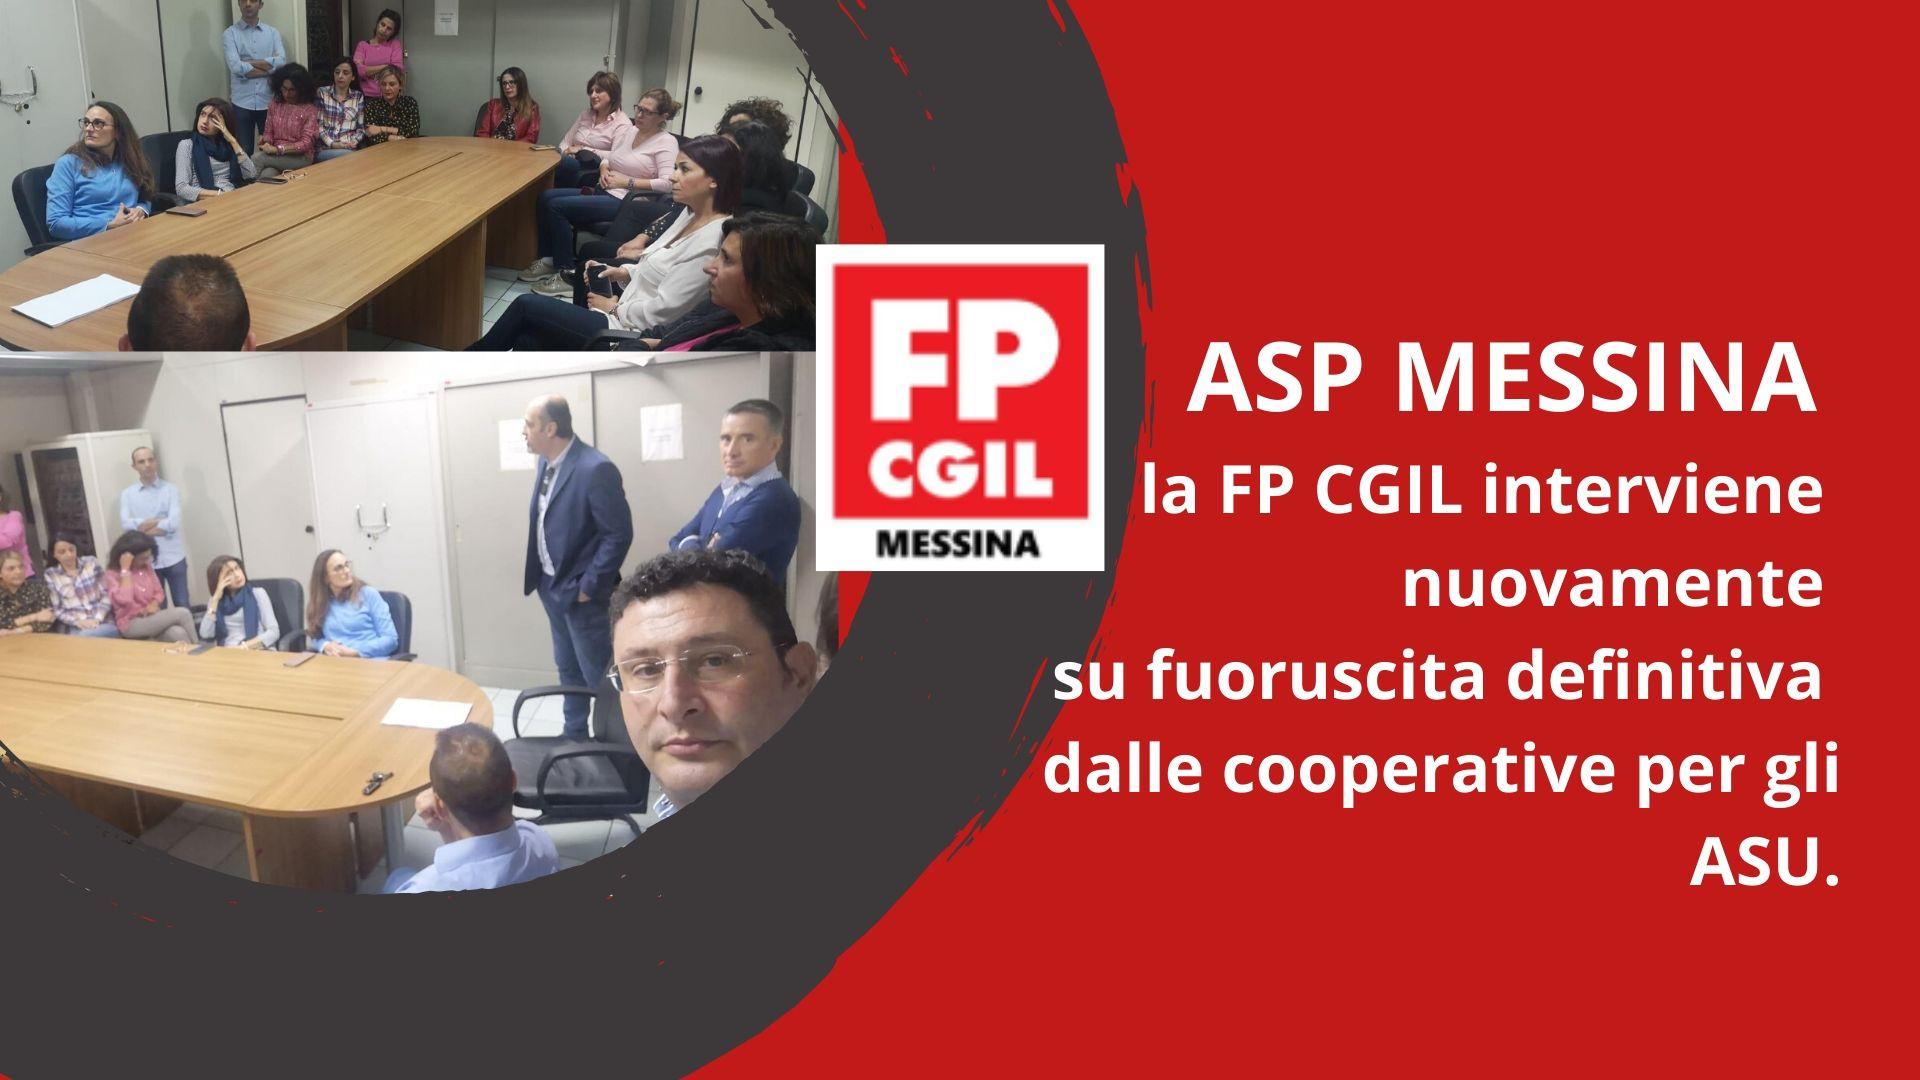 Revoca del protocolli d'intesa ed utilizzo diretto personale ASU presso ASP Messina.